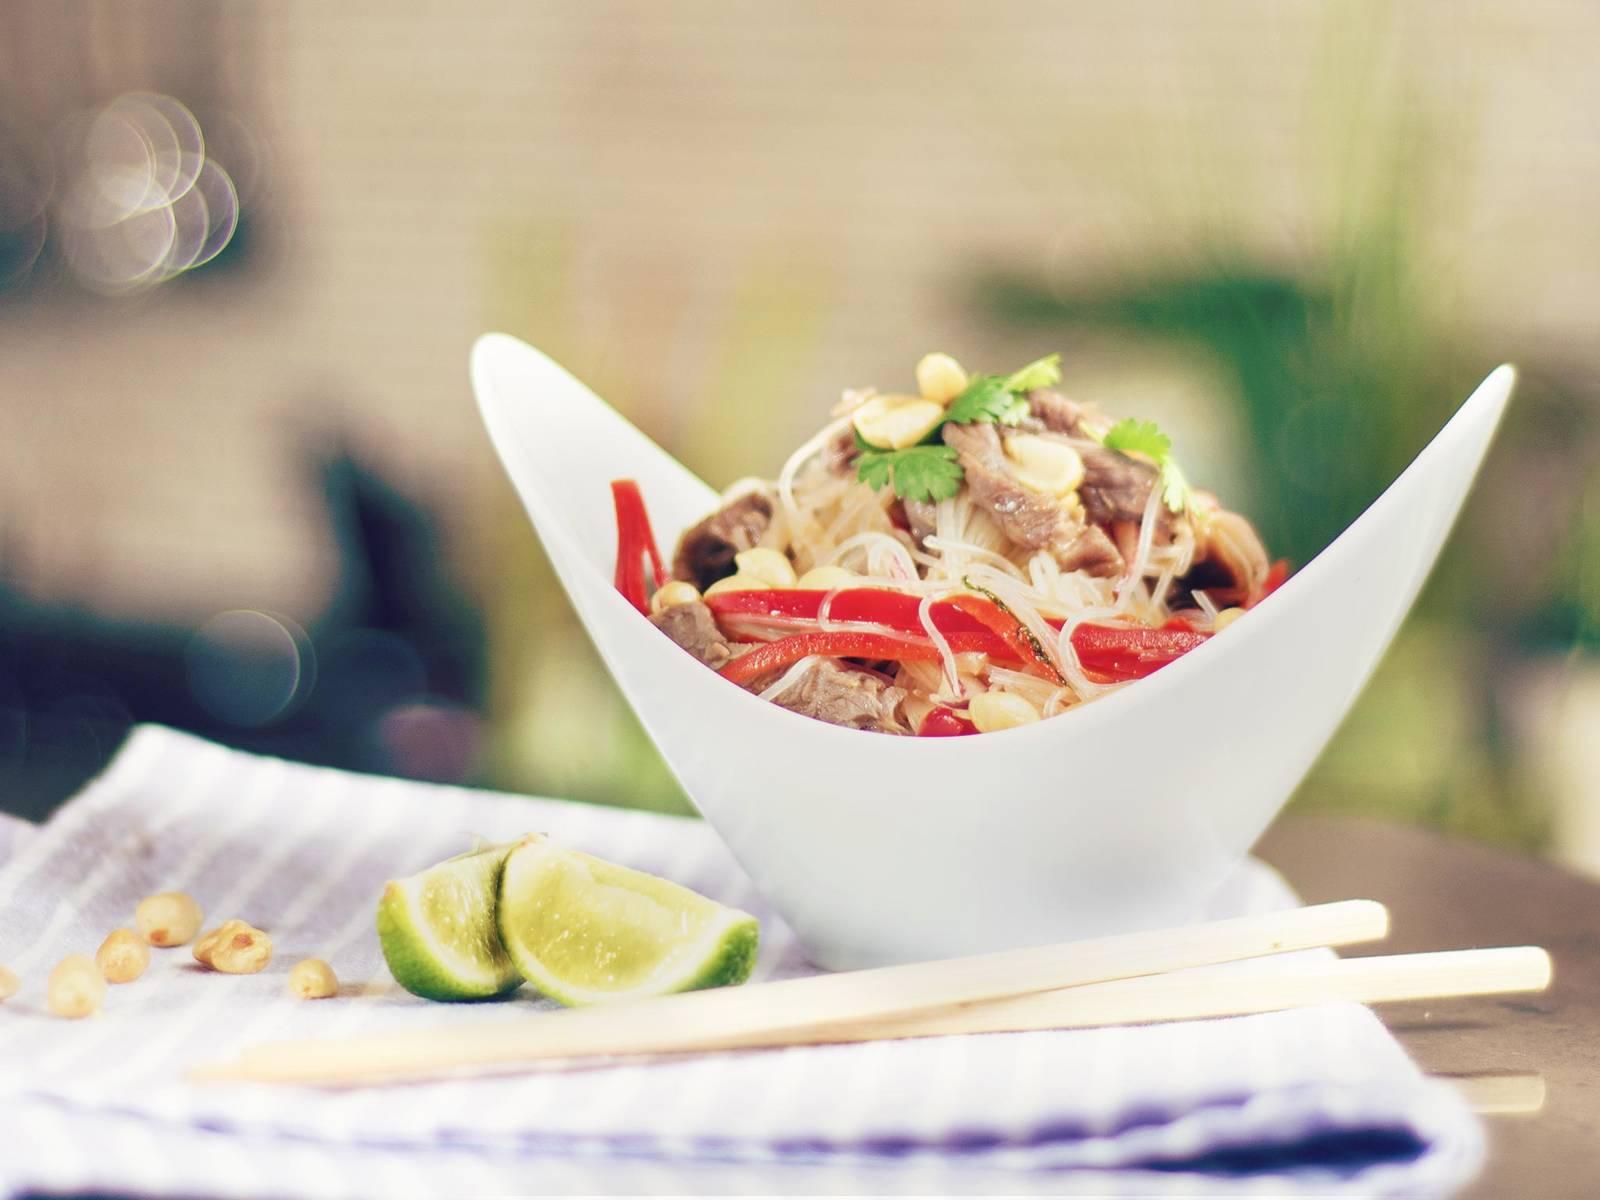 泰式牛肉粉丝沙拉